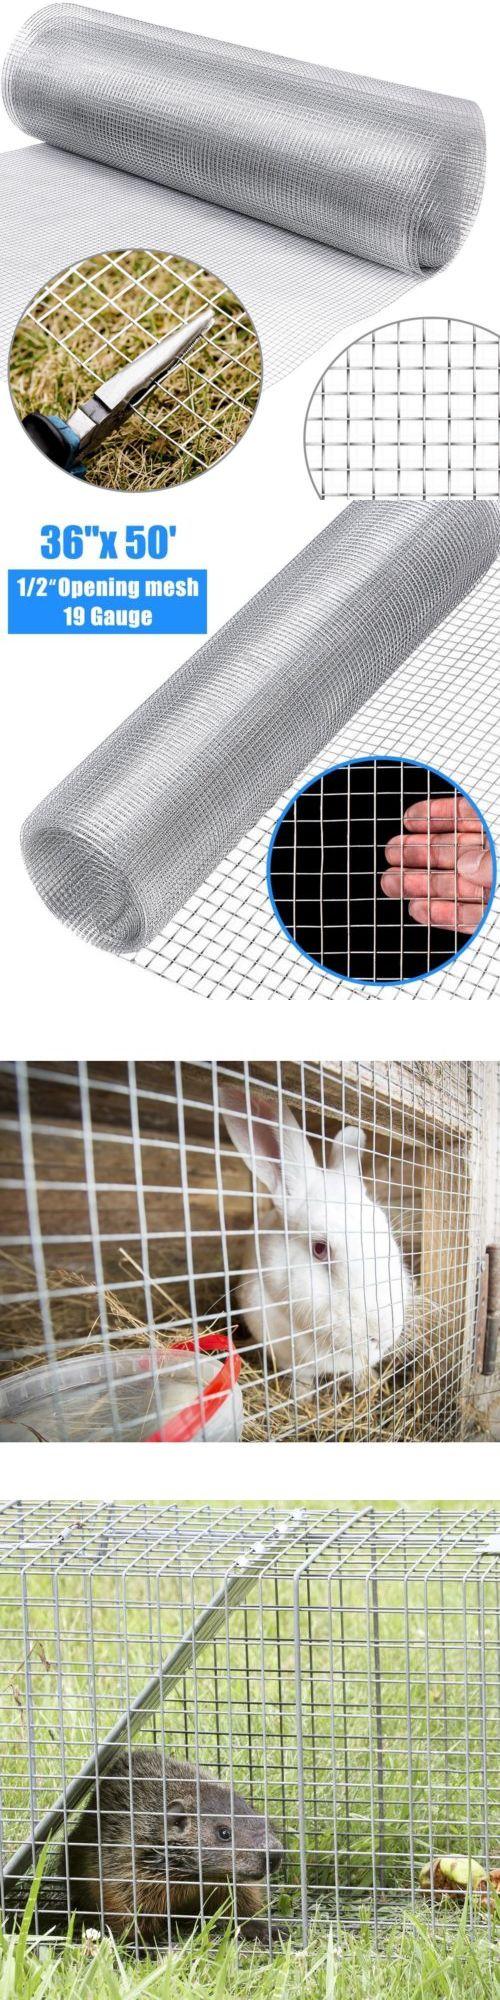 Hardware Cloth Galvanized Chicken Wire Welded Fence Mesh Roll 36/'/'x 50/' 1//2 inch